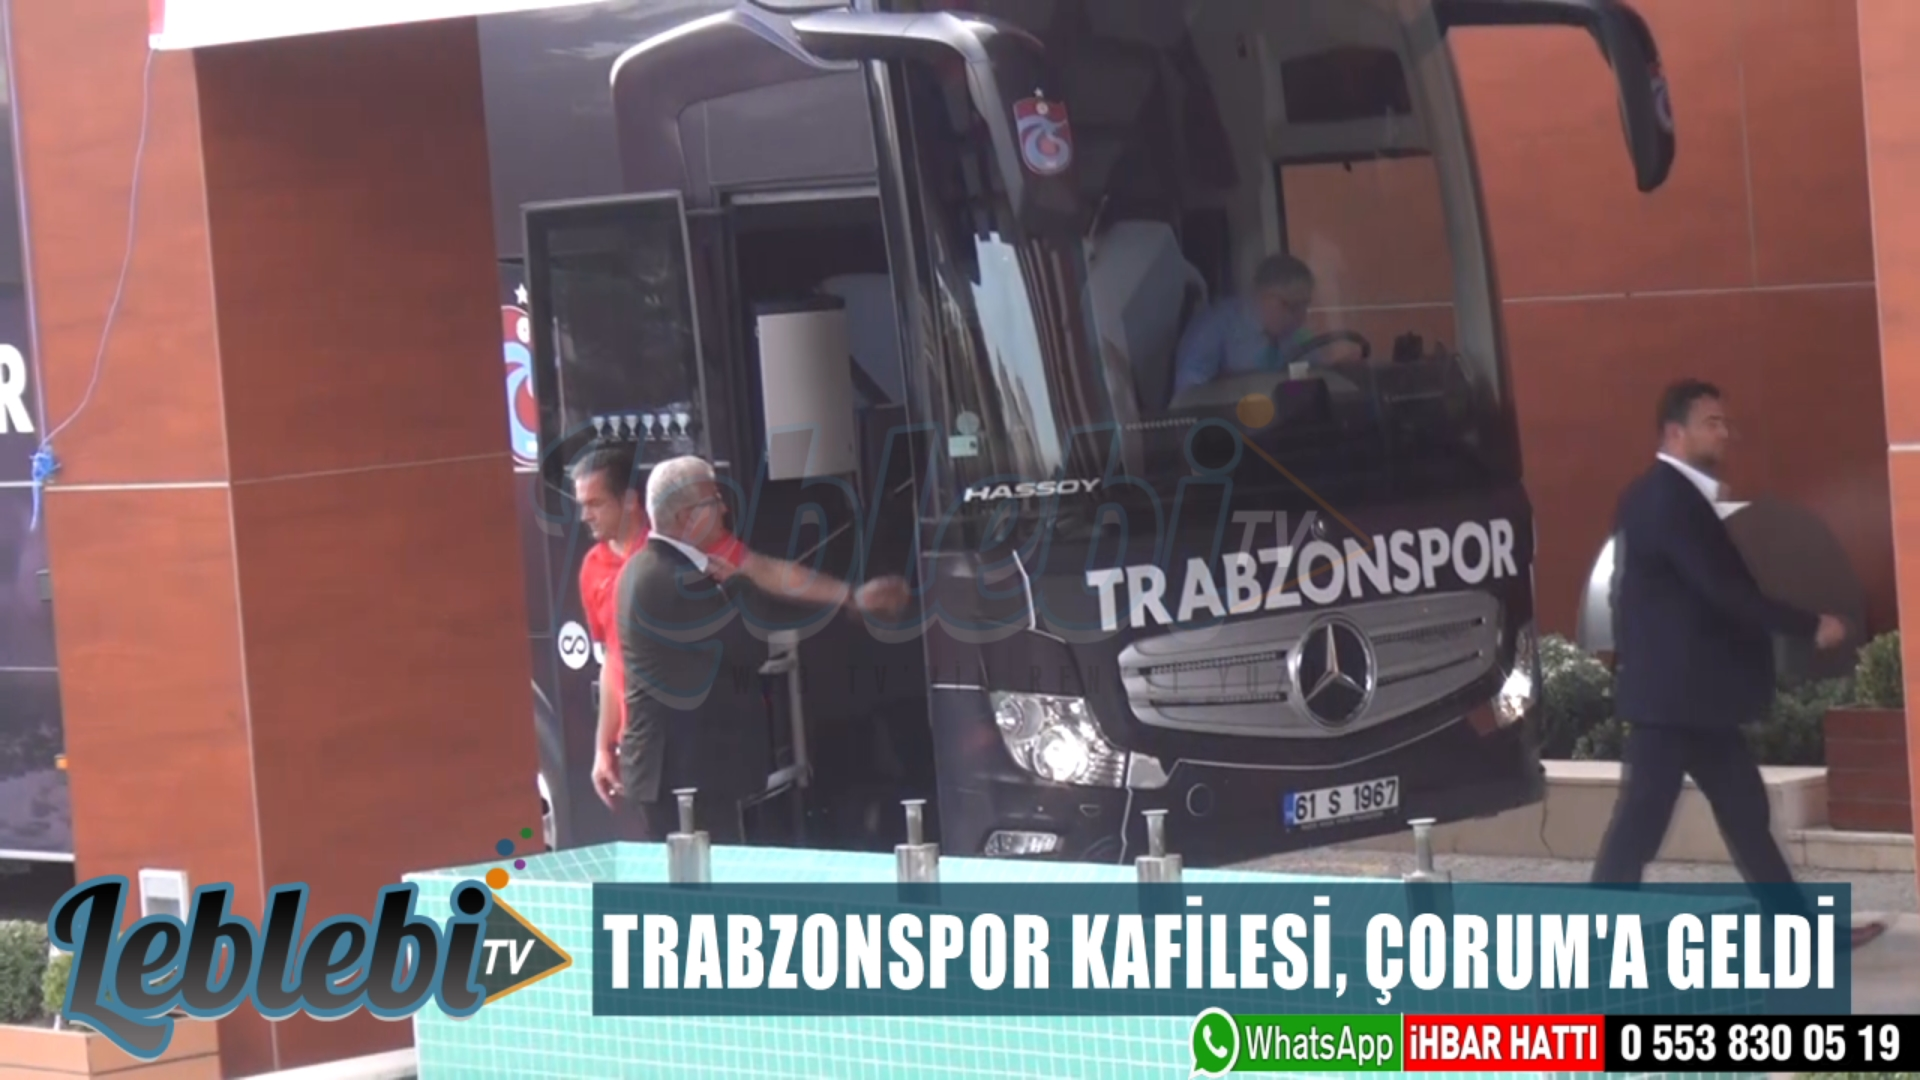 TRABZONSPOR KAFİLESİ, ÇORUM'A GELDİ